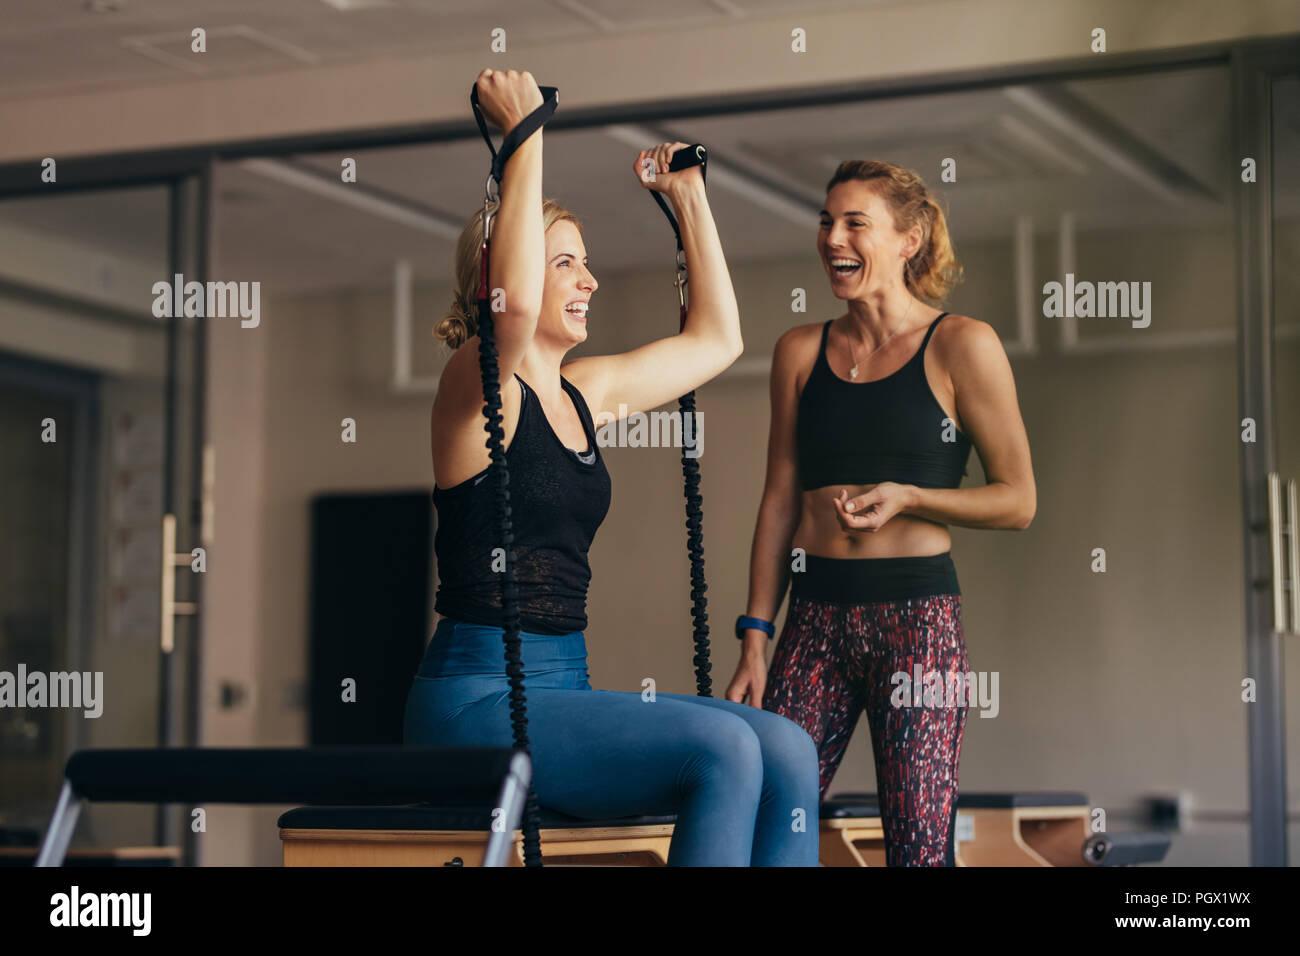 Smiling woman pulling bandes stretch pendant son entraînement pilates. Les femmes à un entraînement pilates gym entraînement tout en faisant rire. Photo Stock